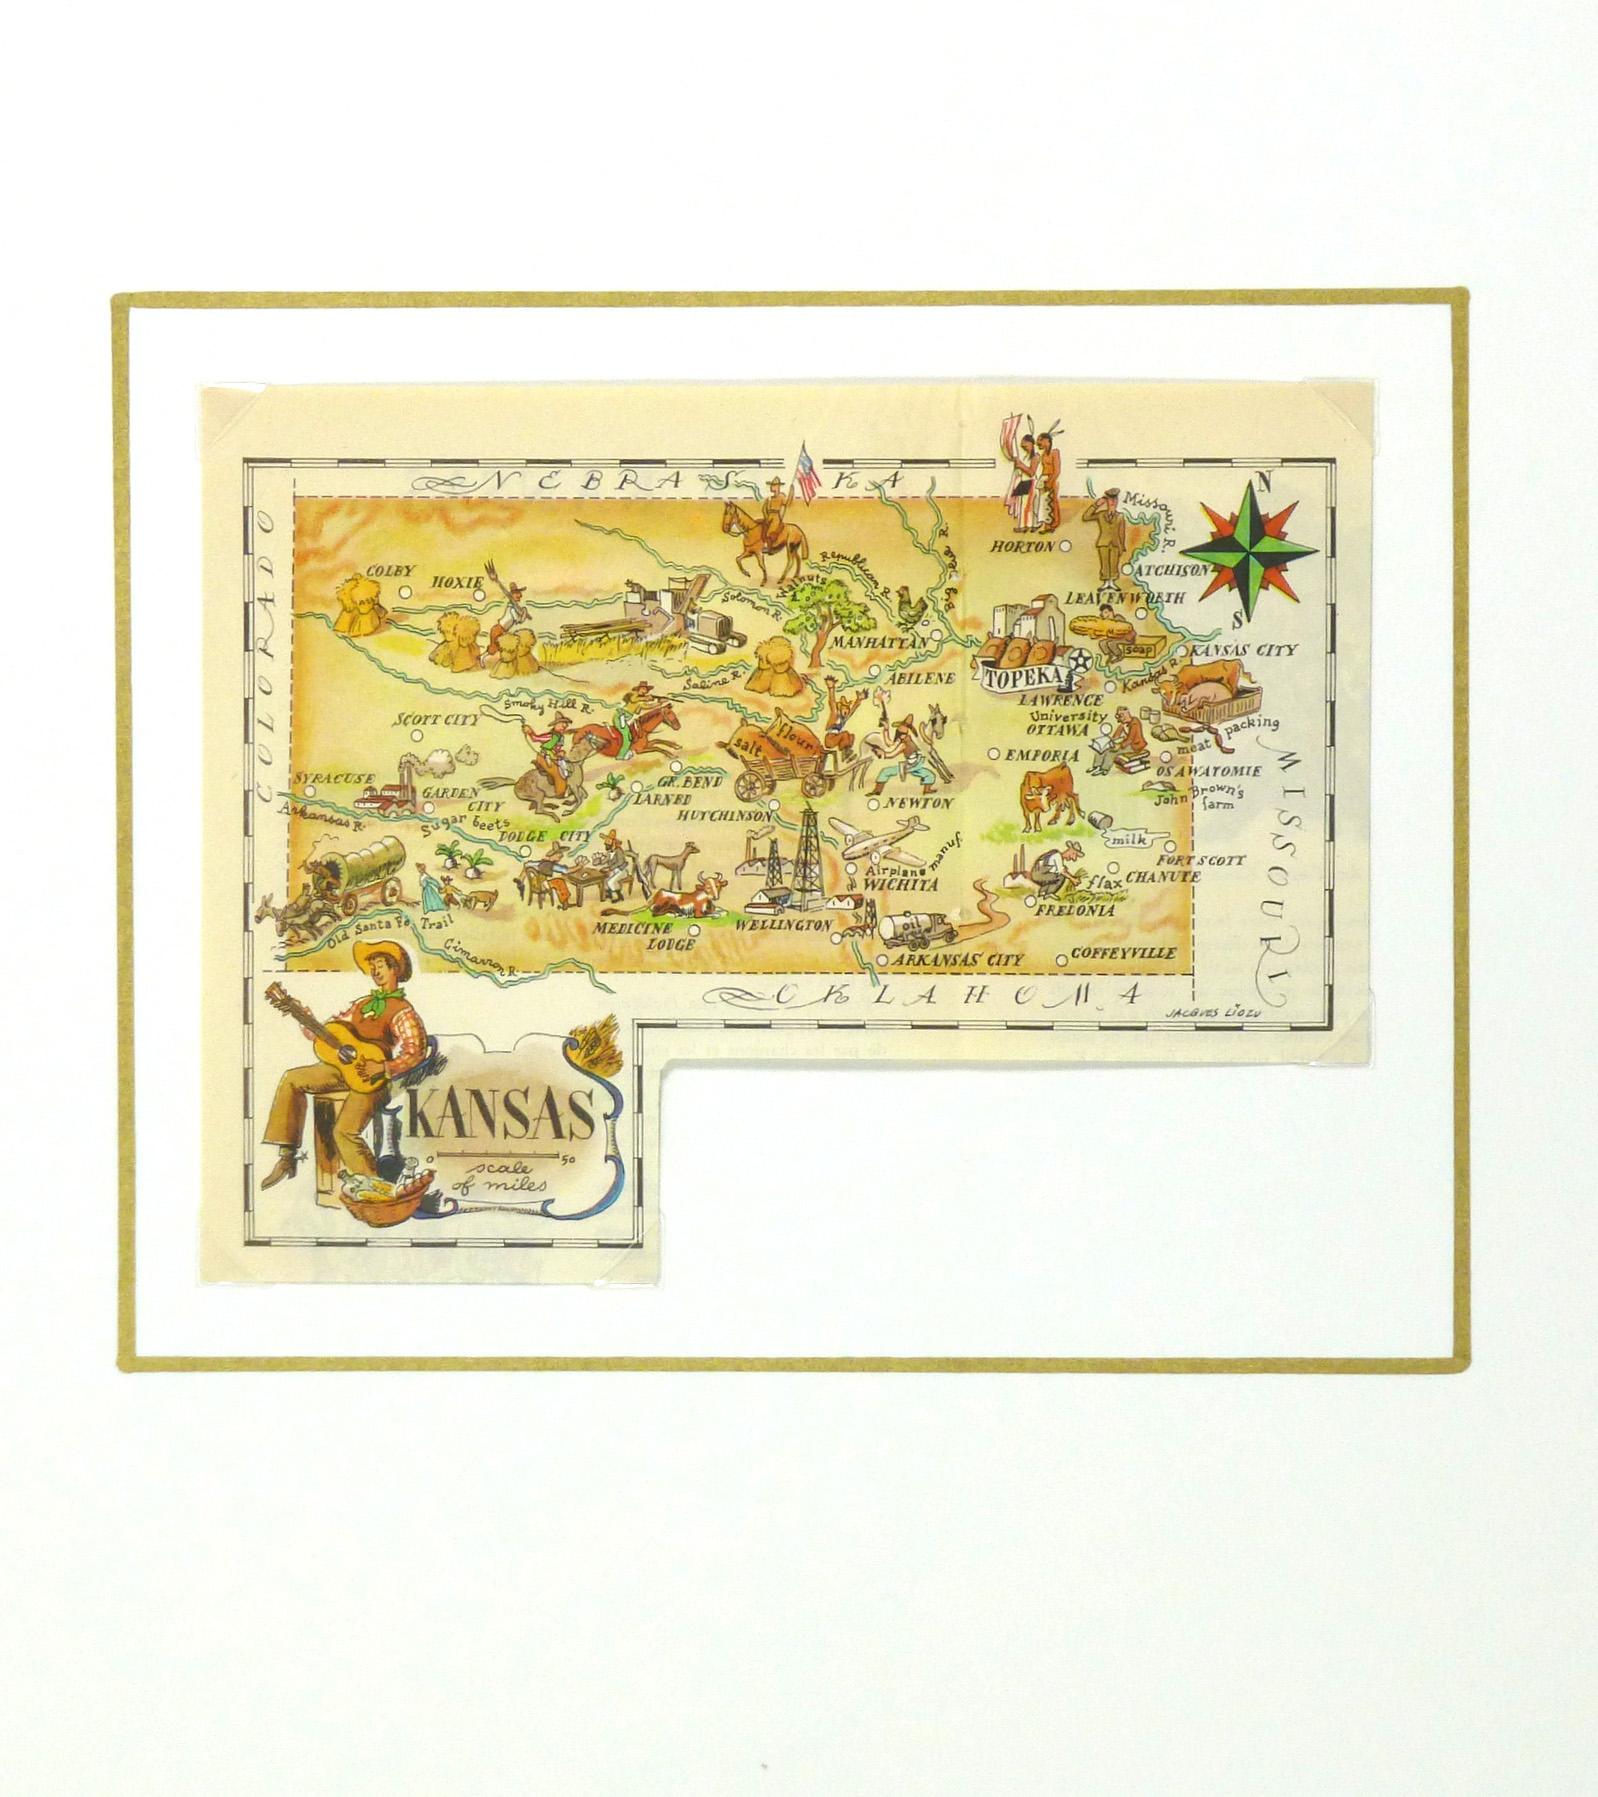 Pictorial Map - Kansas, 1946-matted-6276K